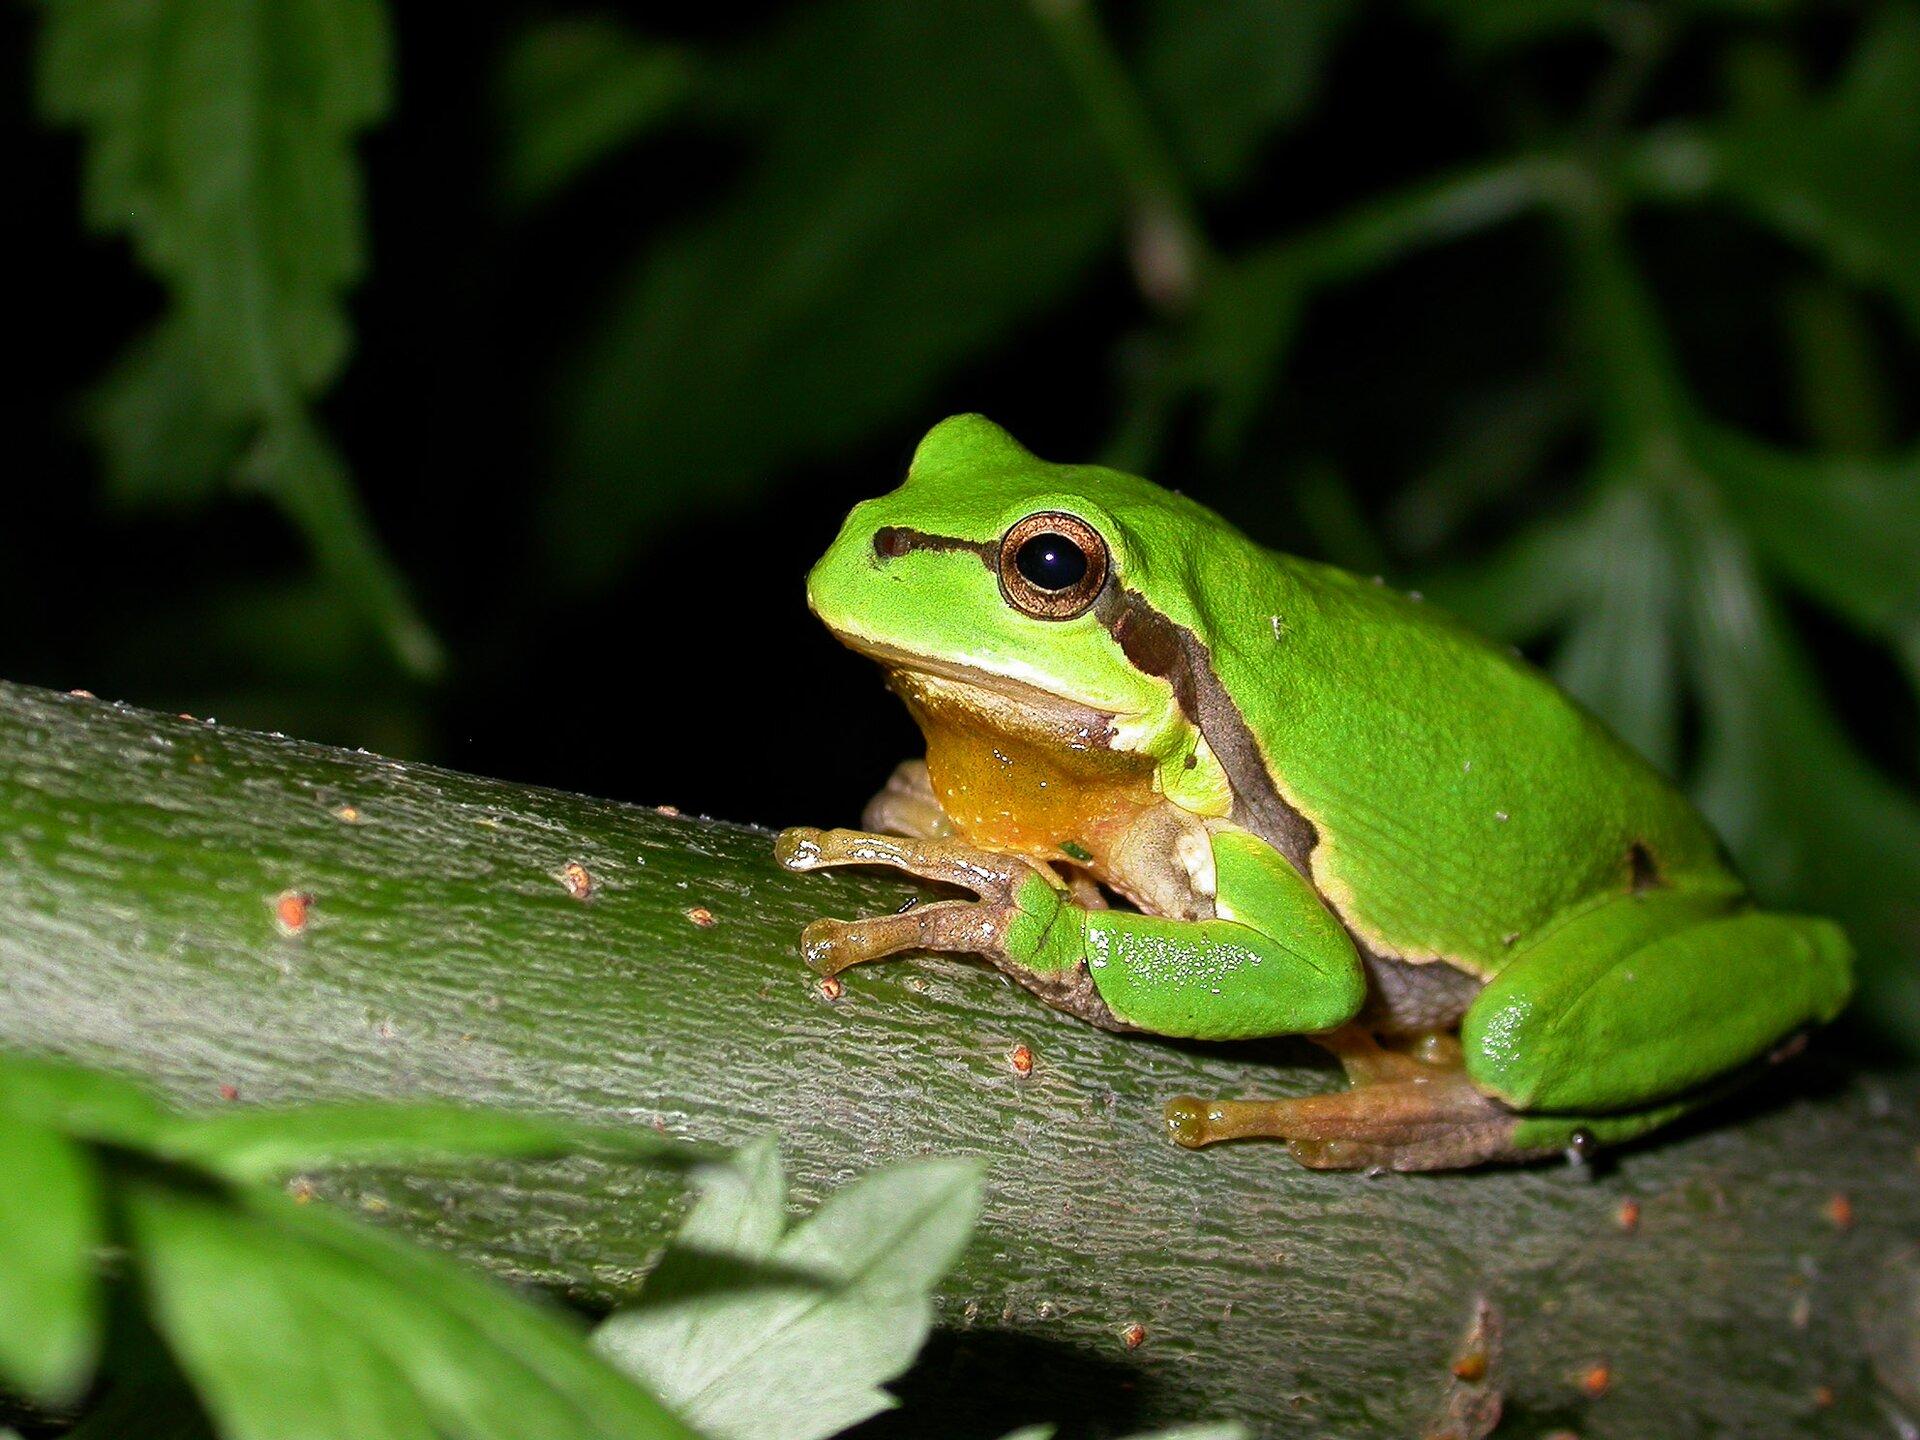 Rzekotka siedząca na gałęzi drzewa. Zwierzę ma zielone ciało. Na końcach palców znajdują sie rozszerzenia, które pomagają zwierzęciu utrzymać się na gałęzi.